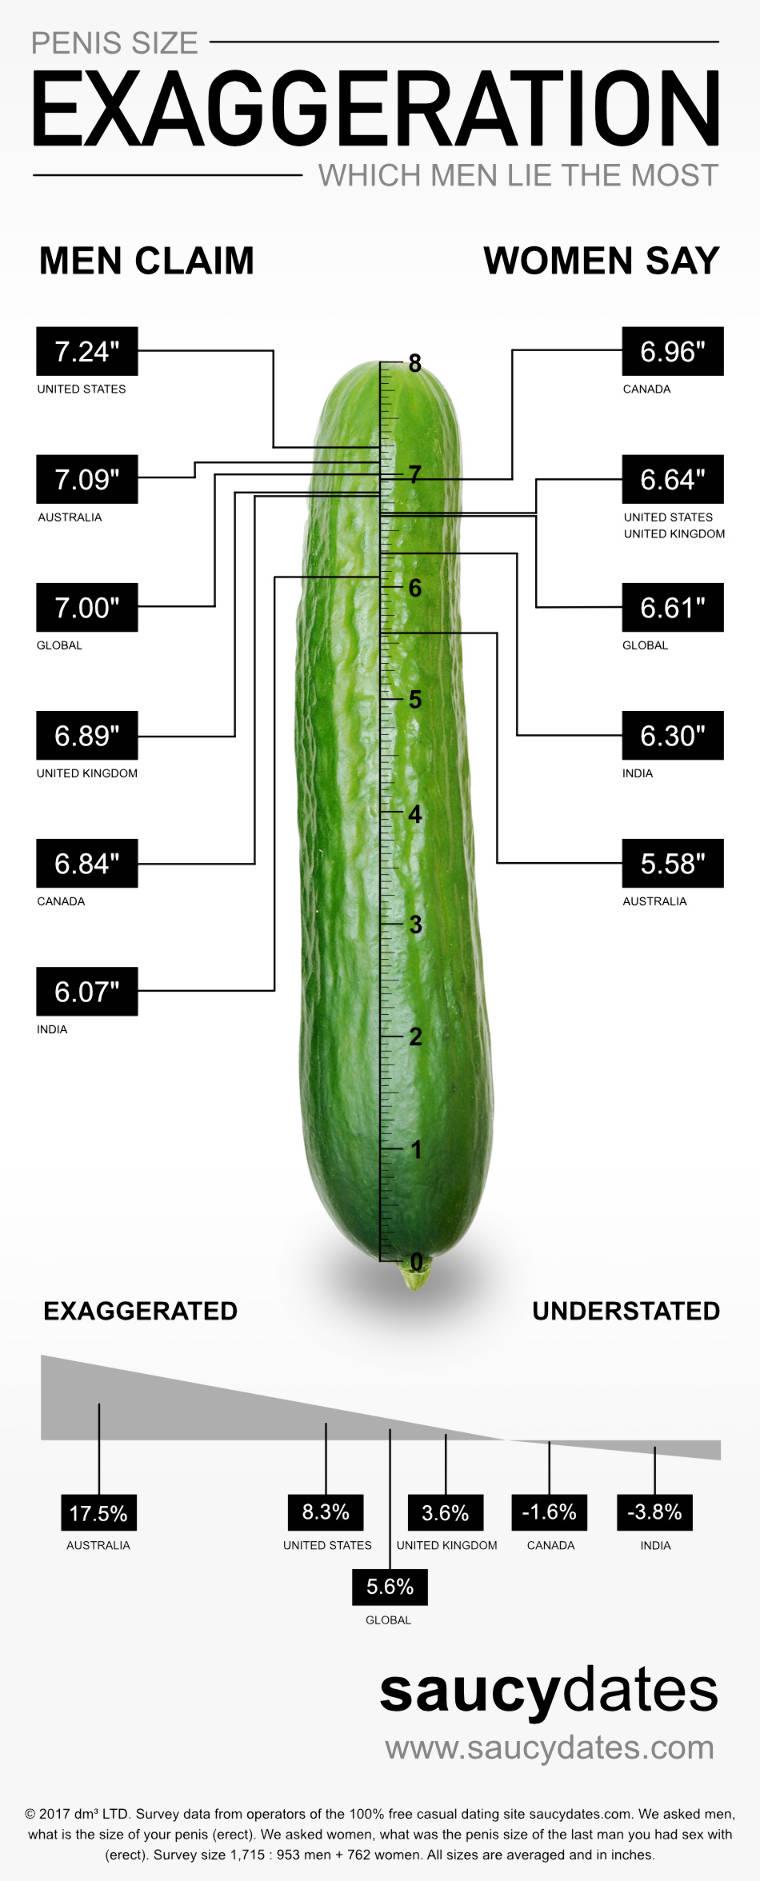 Mi a legnagyobb pénisz az embernél, A méret a lényeg | National Geographic